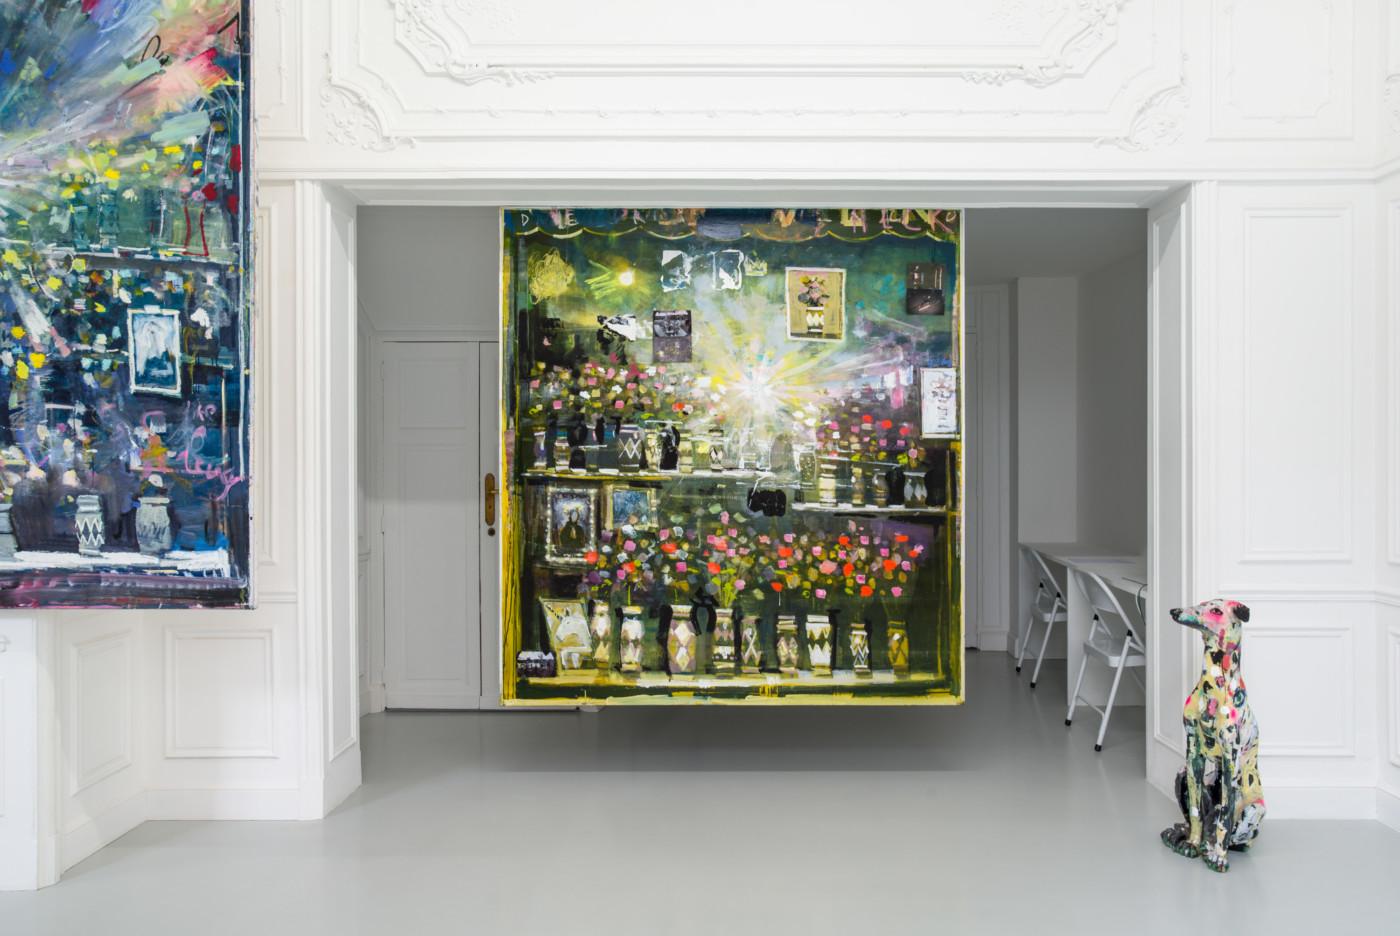 NATHAN ZEIDMAN  walflowers, malflowers , 2018, High Art, Paris, installation view - High Art Gallery Paris